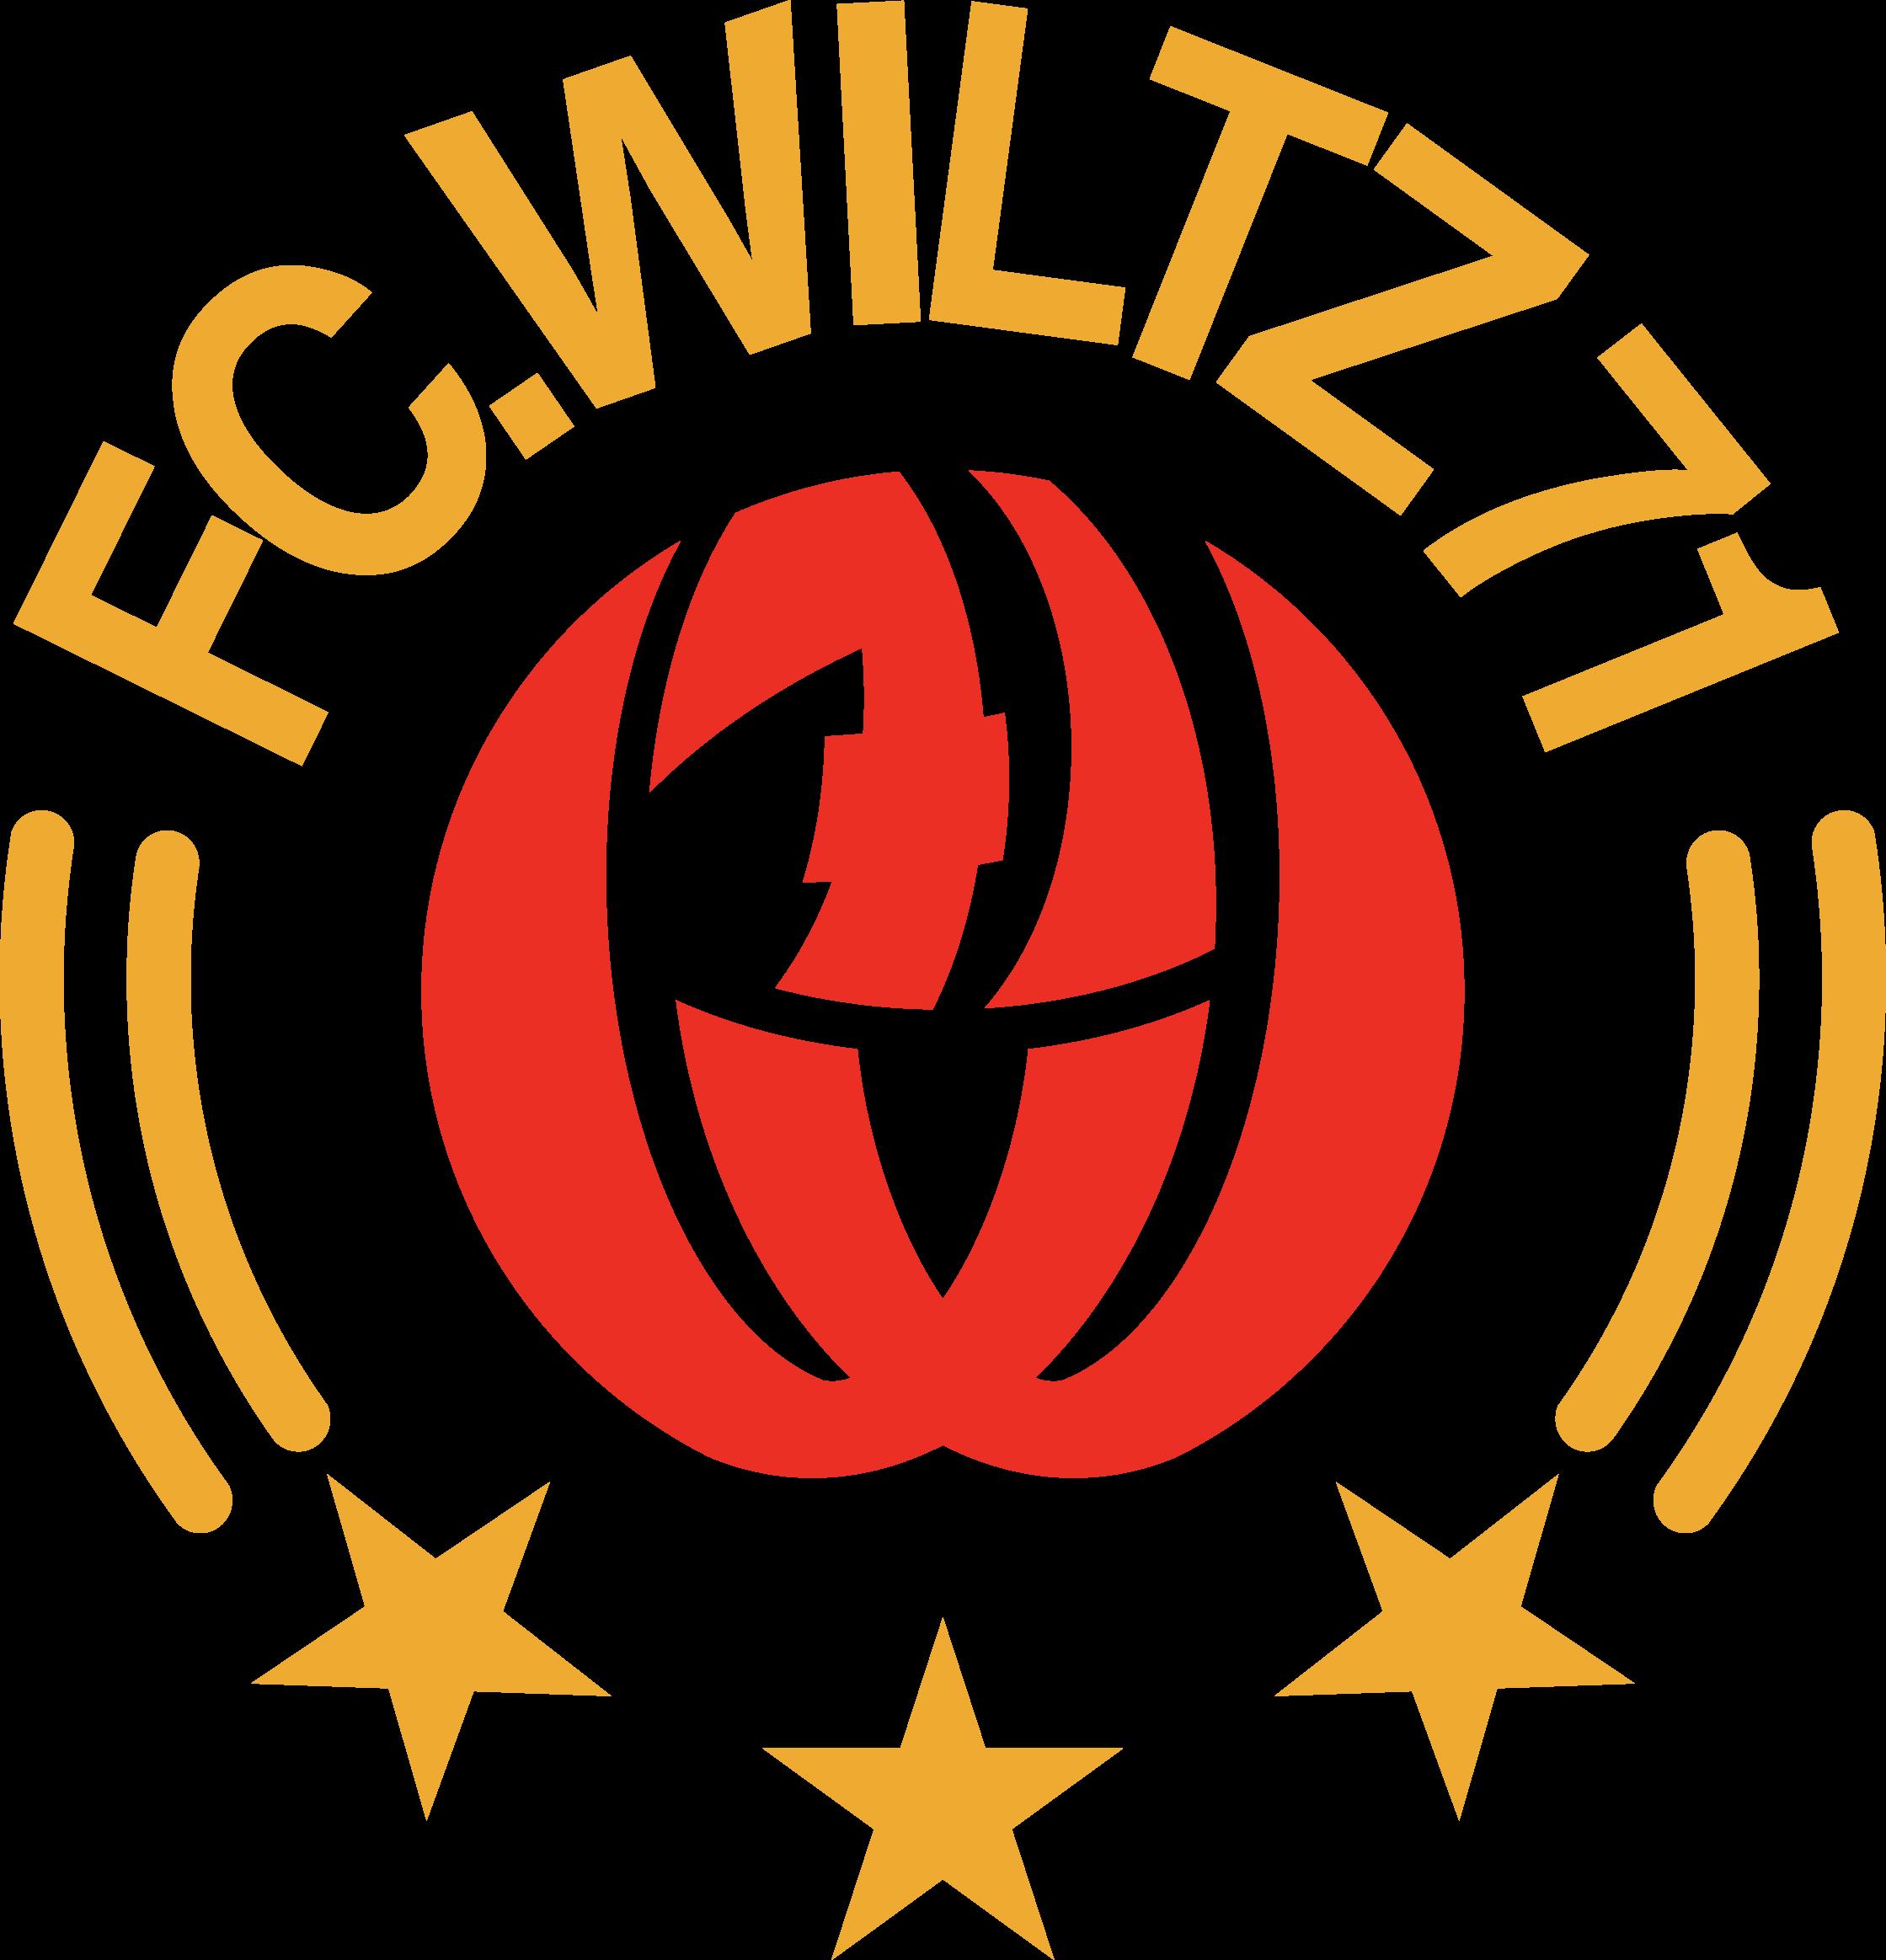 Wiltz 71 | Vector logo, Logos, Football logo